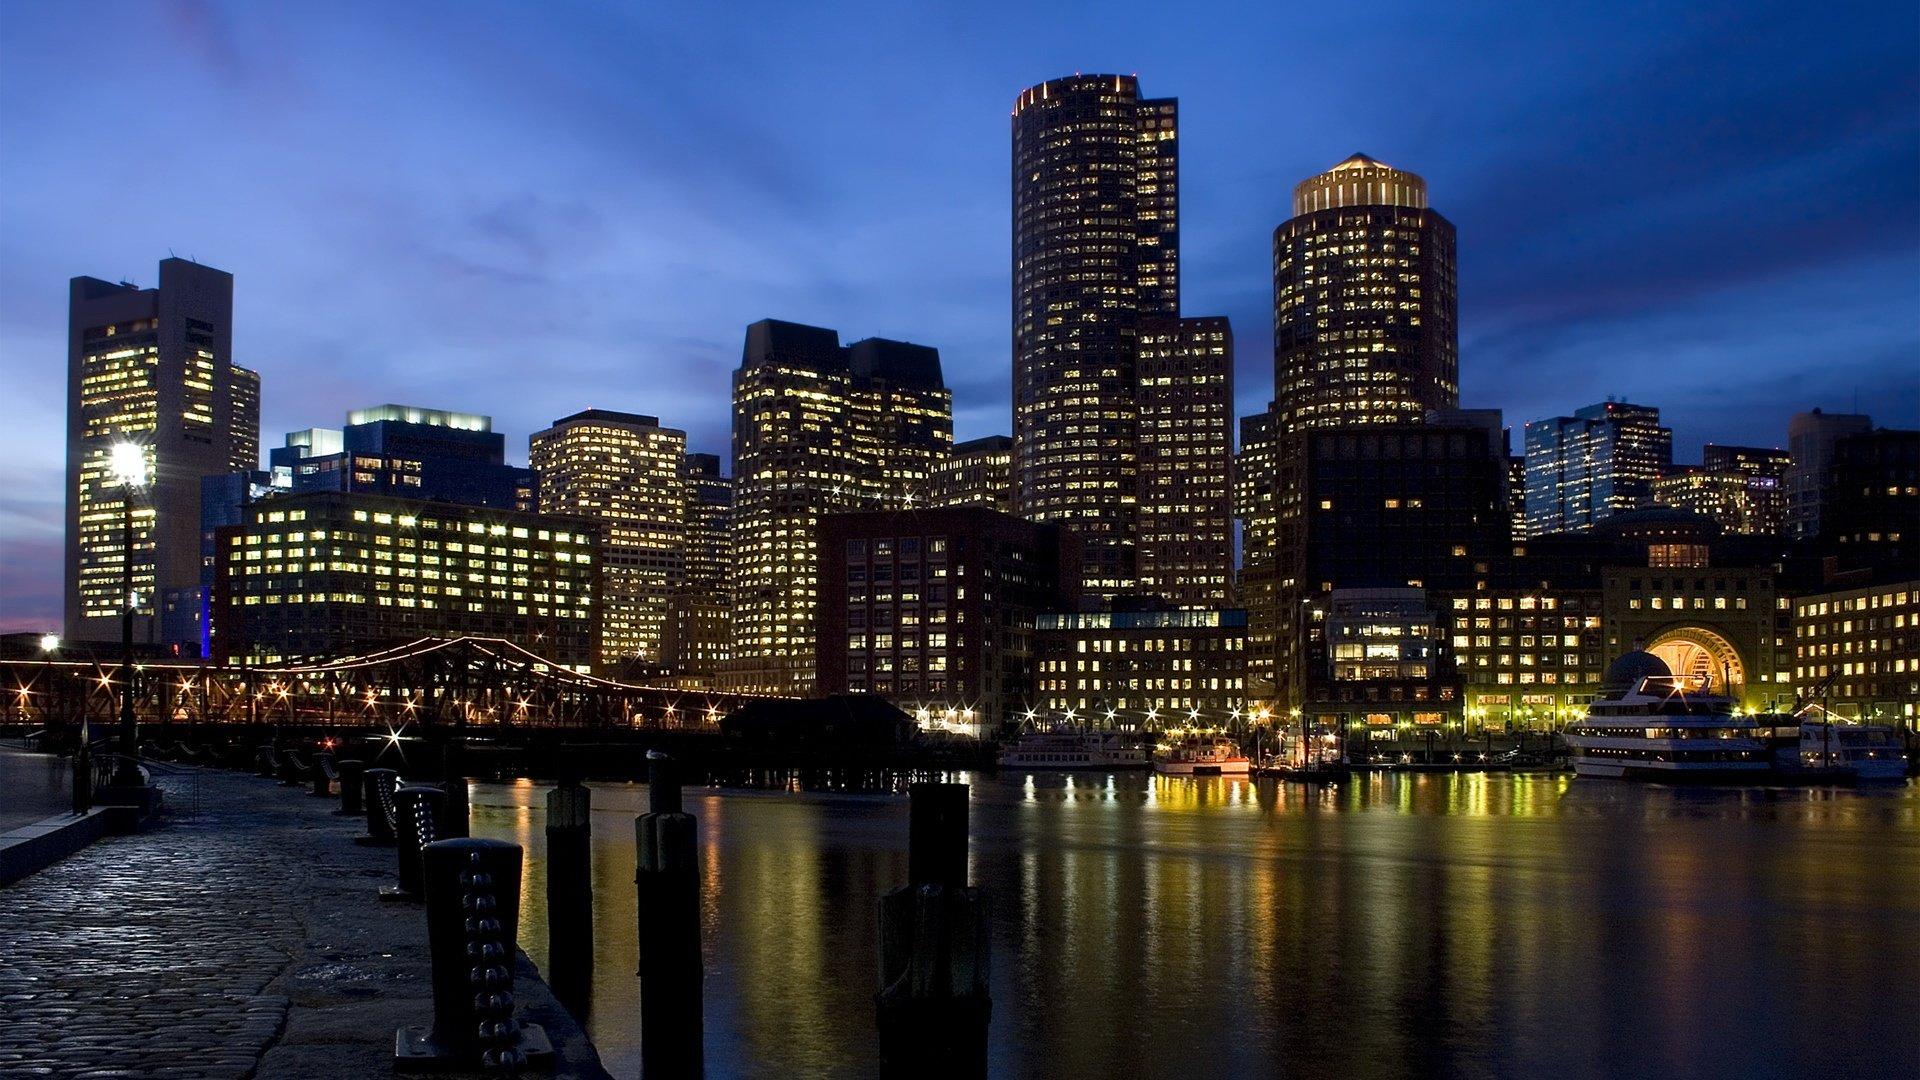 城市夜景宽屏桌面壁纸高清 风景壁纸 壁纸下载 美